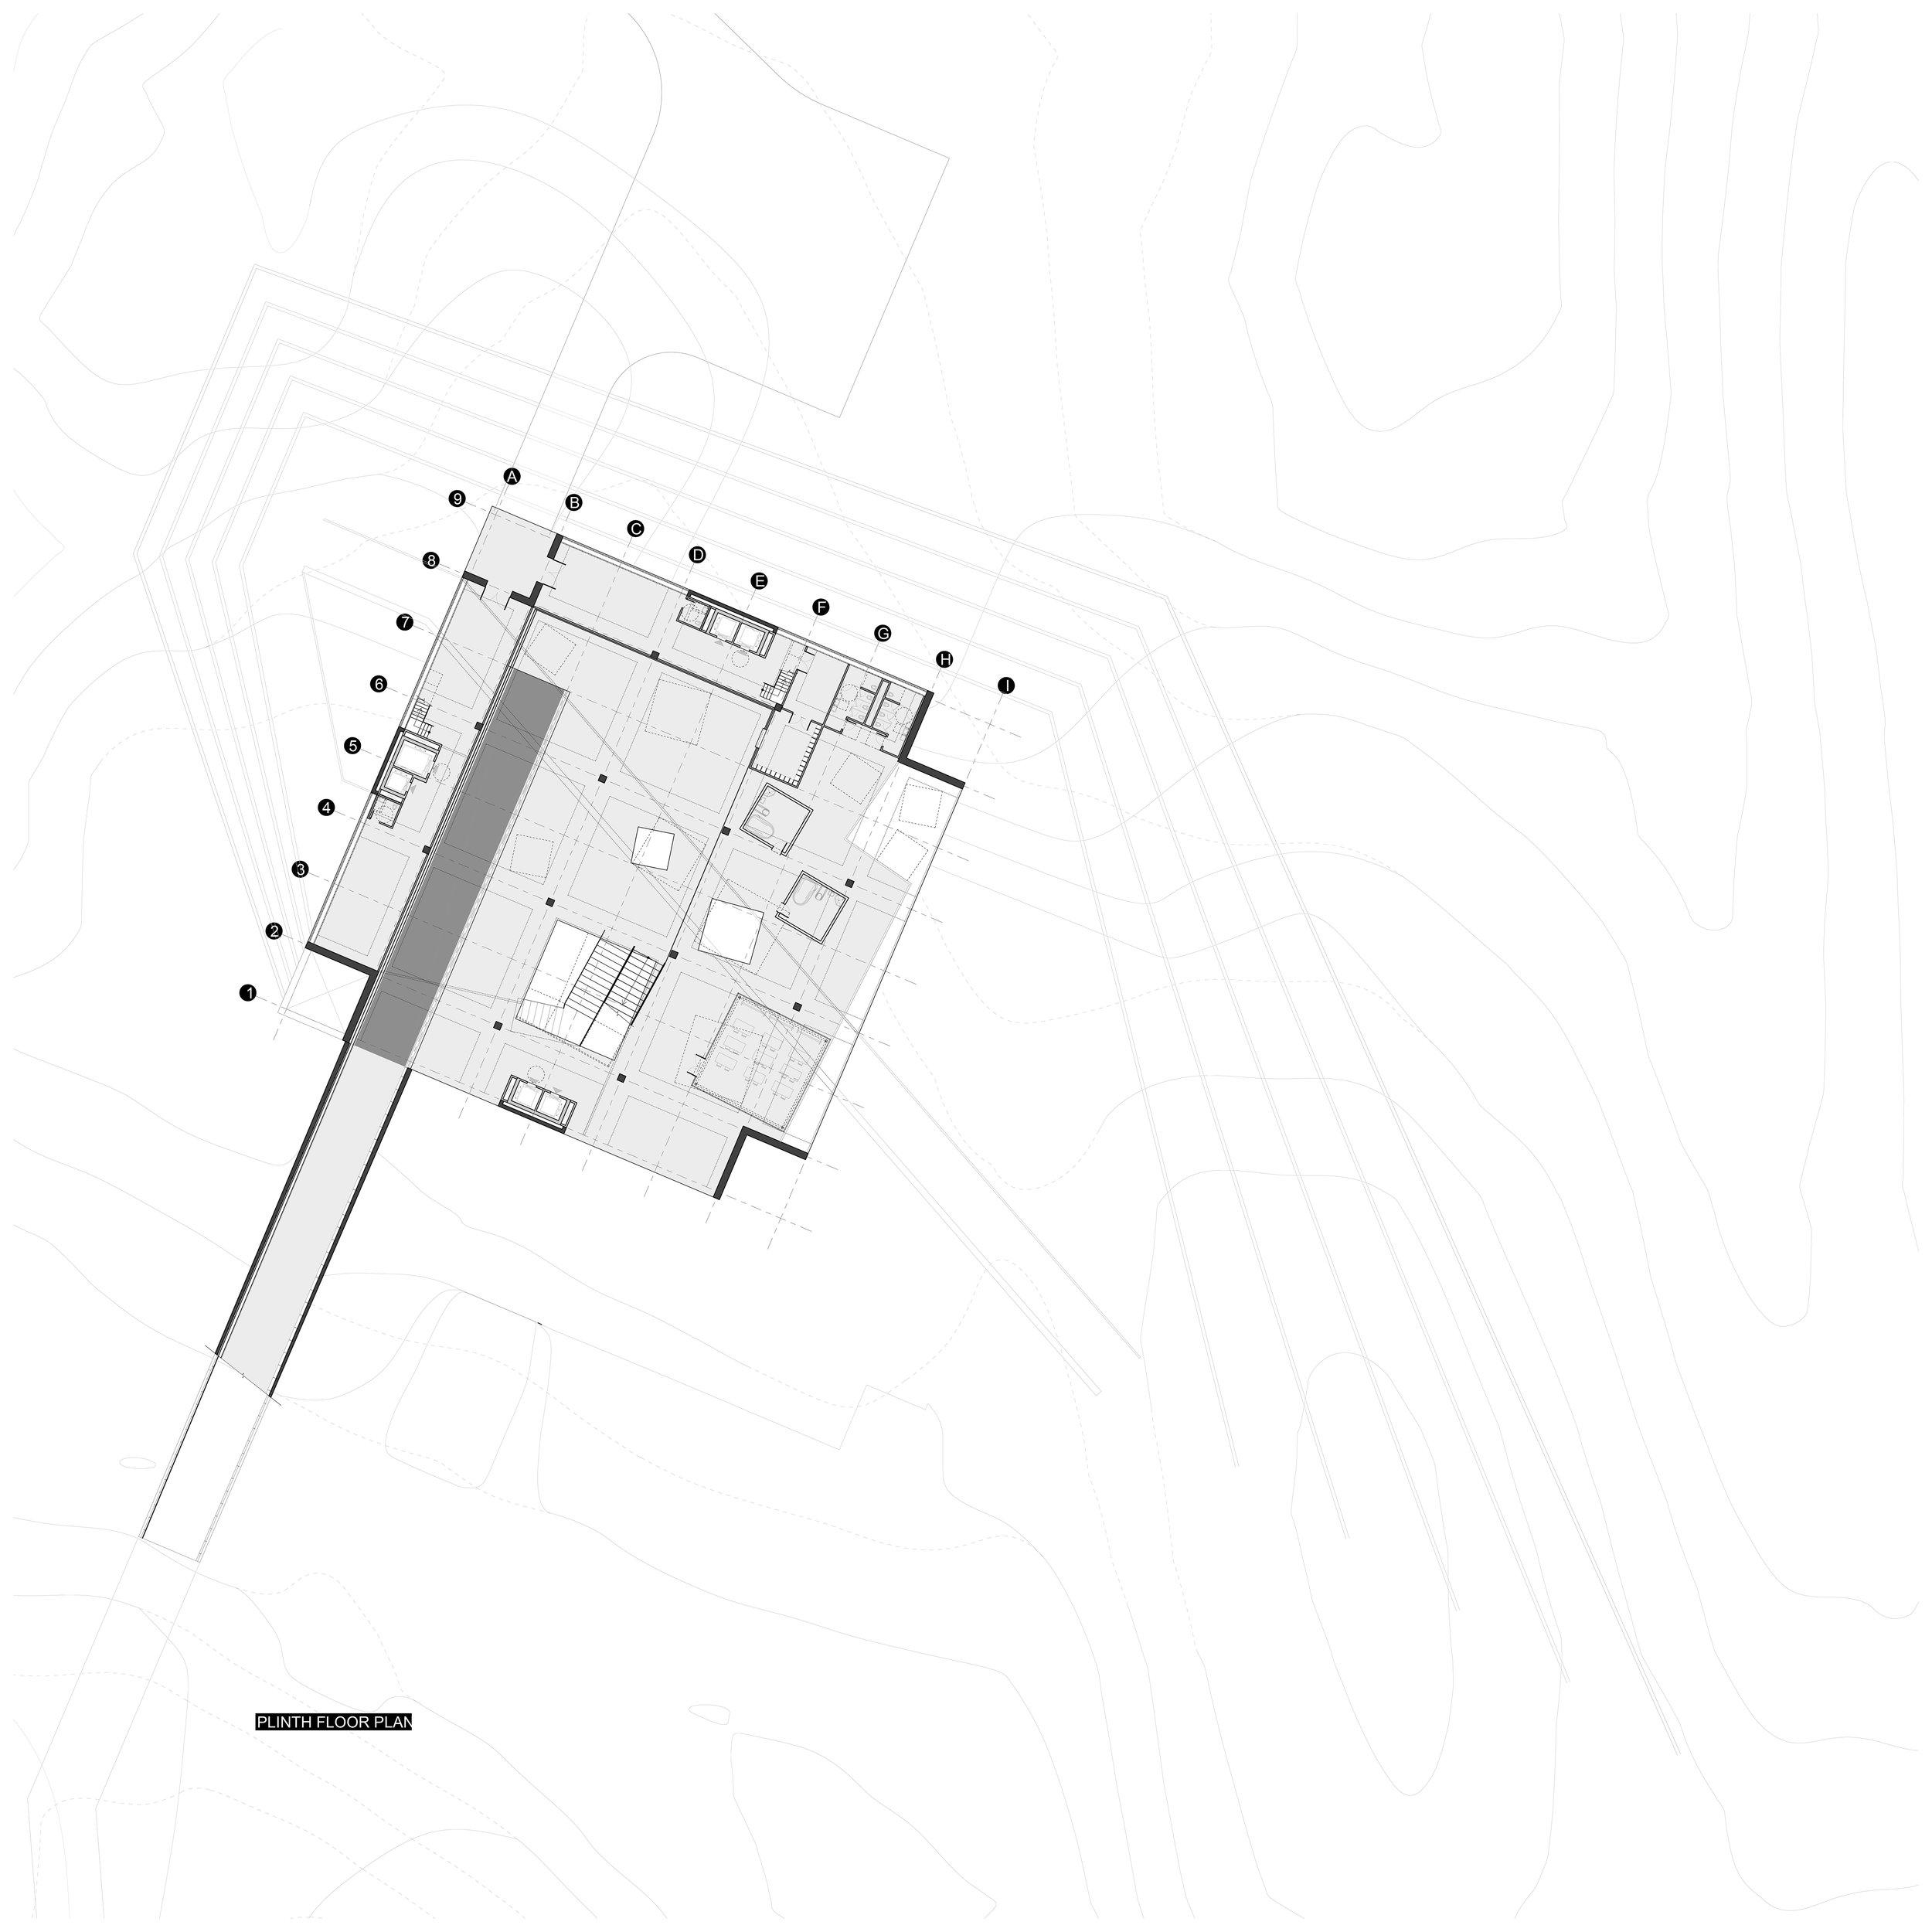 DP_Dean_Taurasi_Plinth Plan.jpg